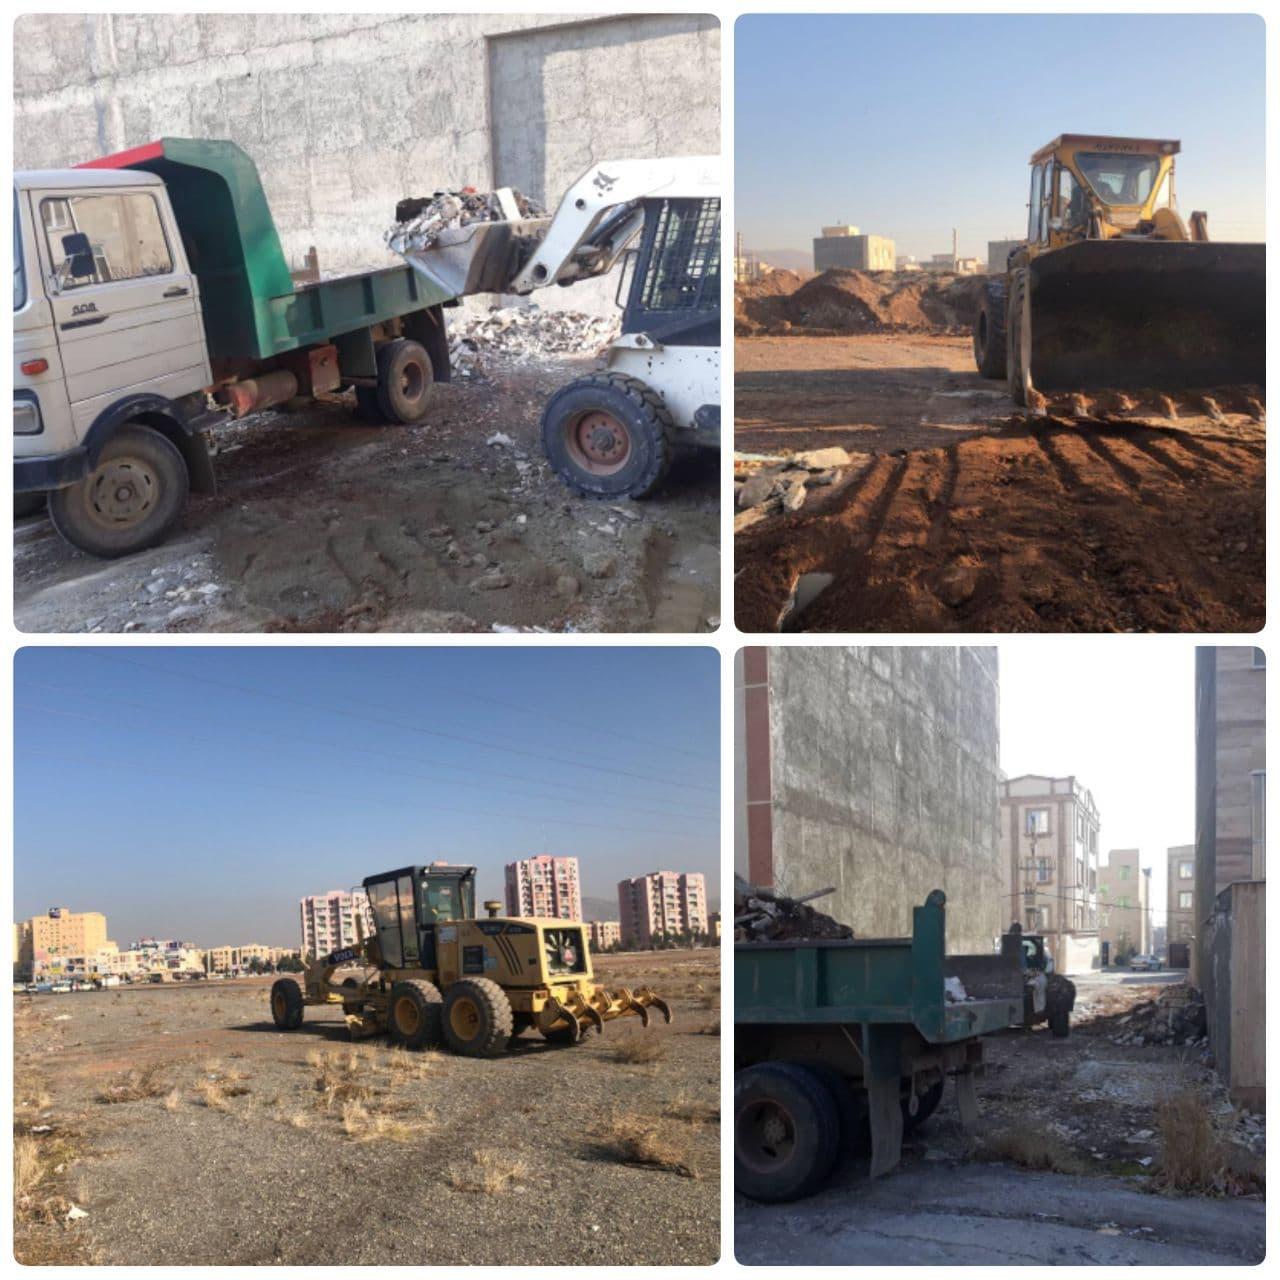 تداوم عملیات گسترده پاکسازی نخاله های ساختمانی در پرند ۴۲۰ تن نخاله طی یک هفته اخیر جمع آوری شد